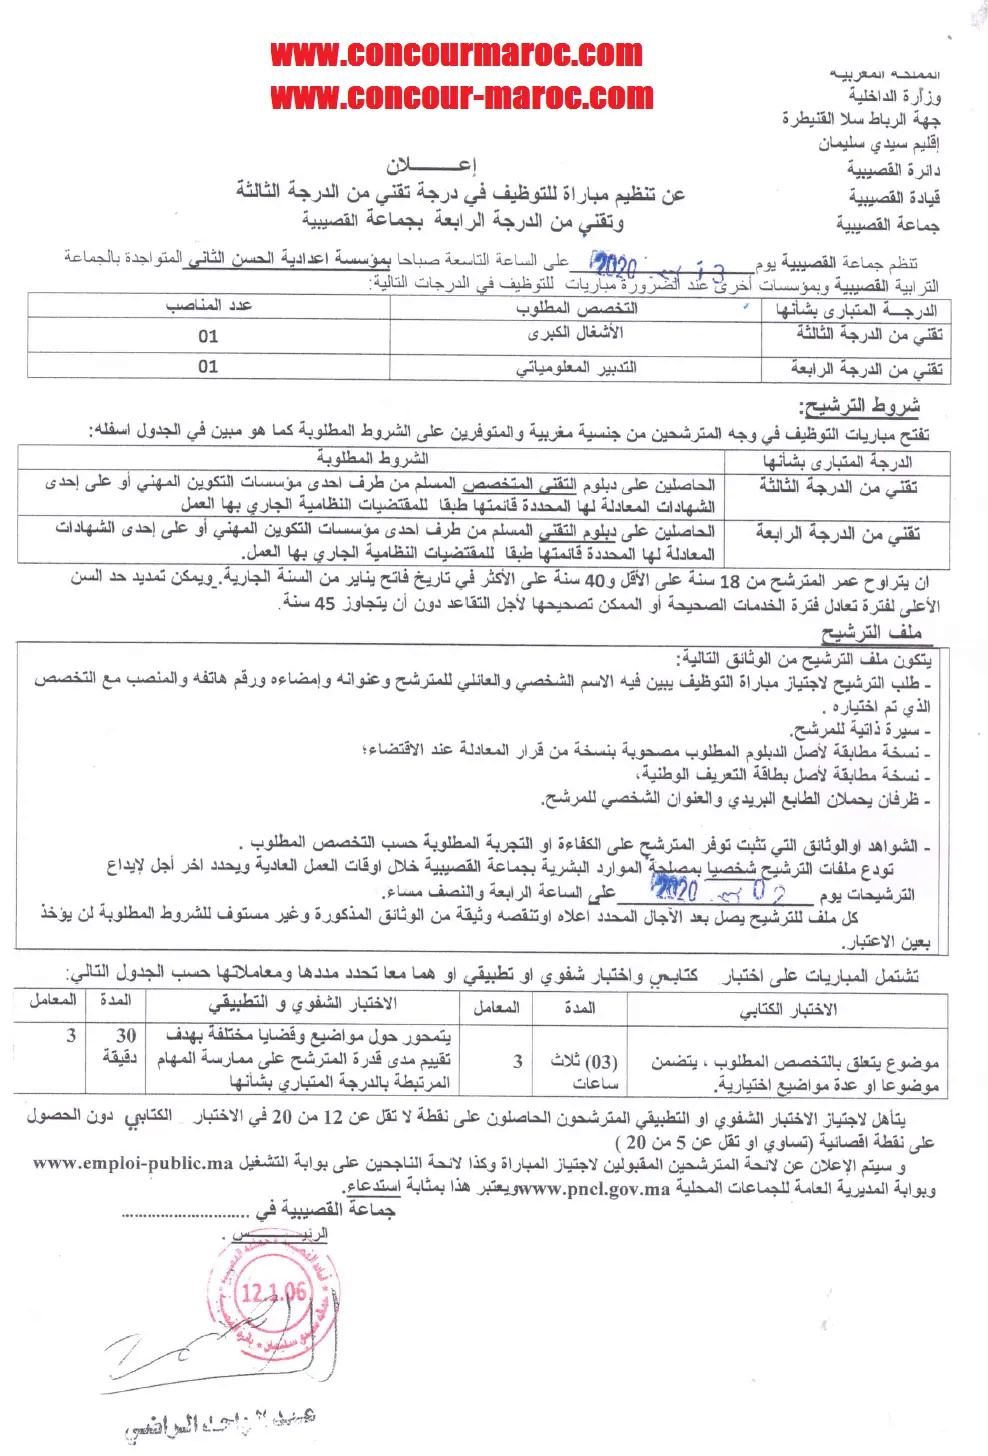 مباراة توظيف جديدة بجماعة القصيبية - إقليم سيدي سليمان آخر أجل لإيداع الترشيحات 2 دجنبر 2020 Yao_aa13